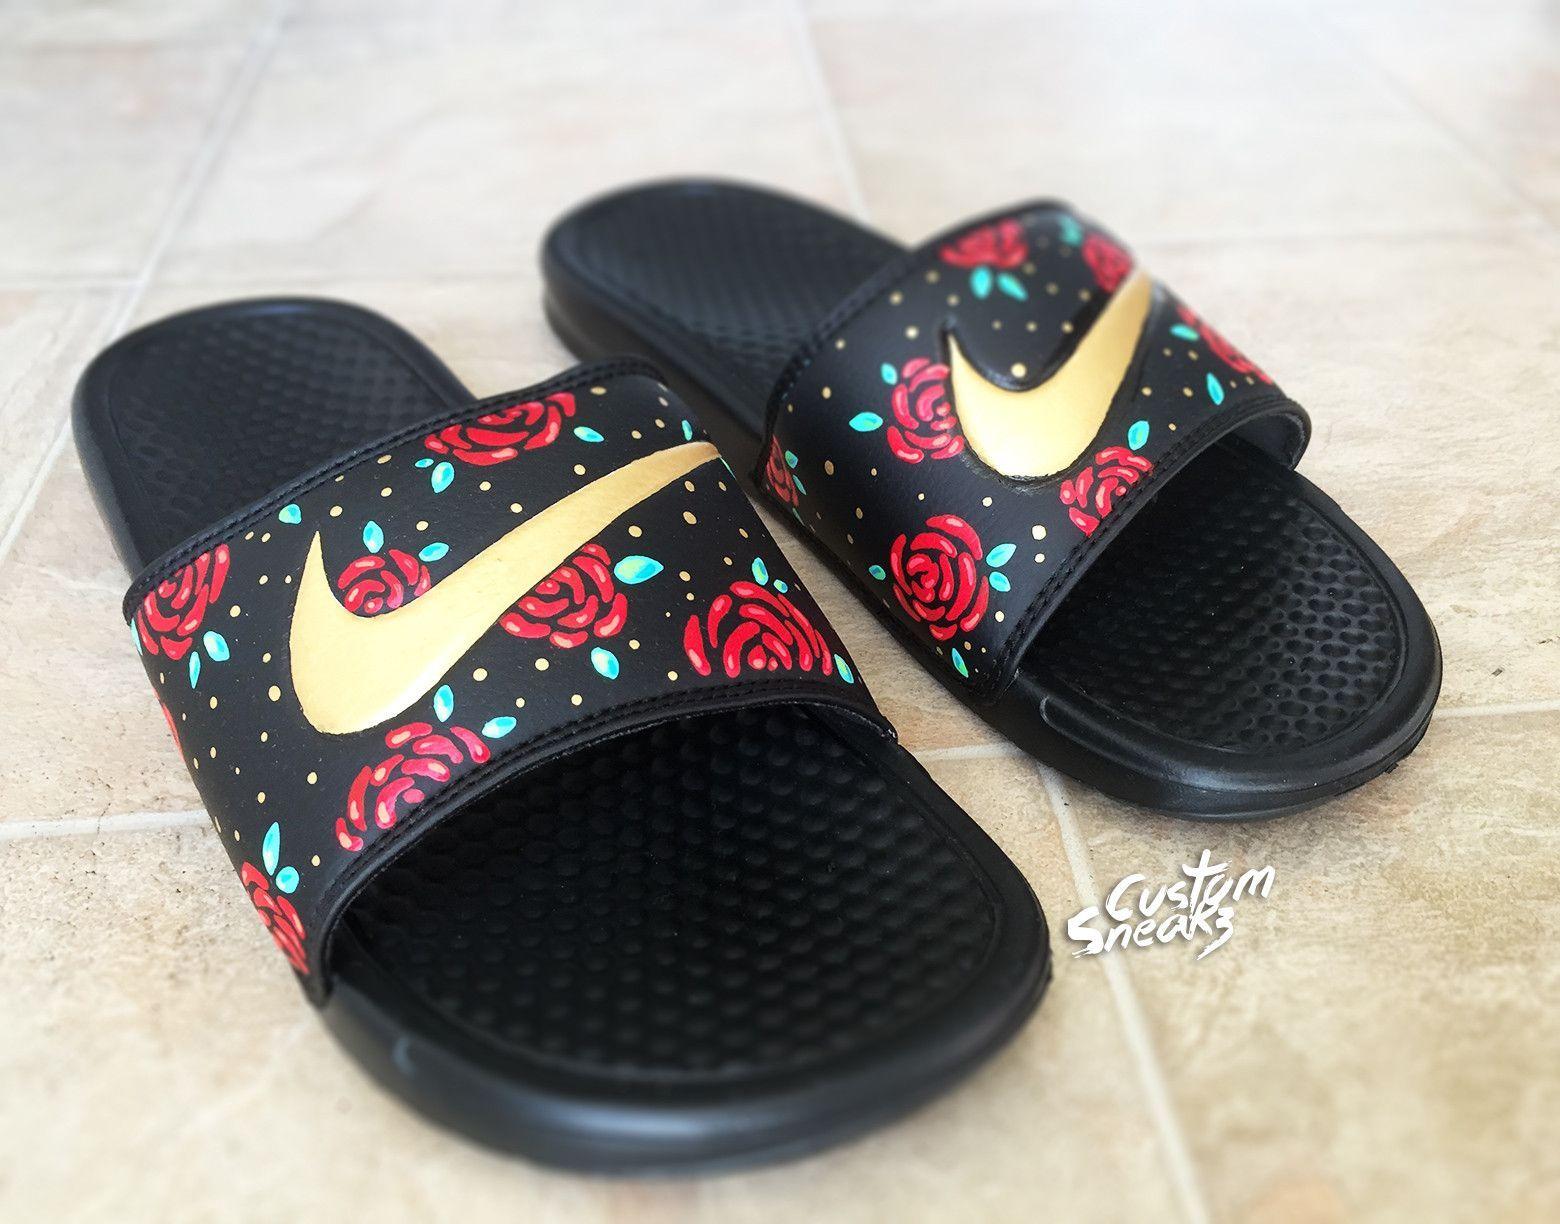 7473a1c5691 Custom Nike Benassi Flip Flop Sandals, Mens Gold Custom Design, Floral,  Roses, Swoosh Slide Sandals